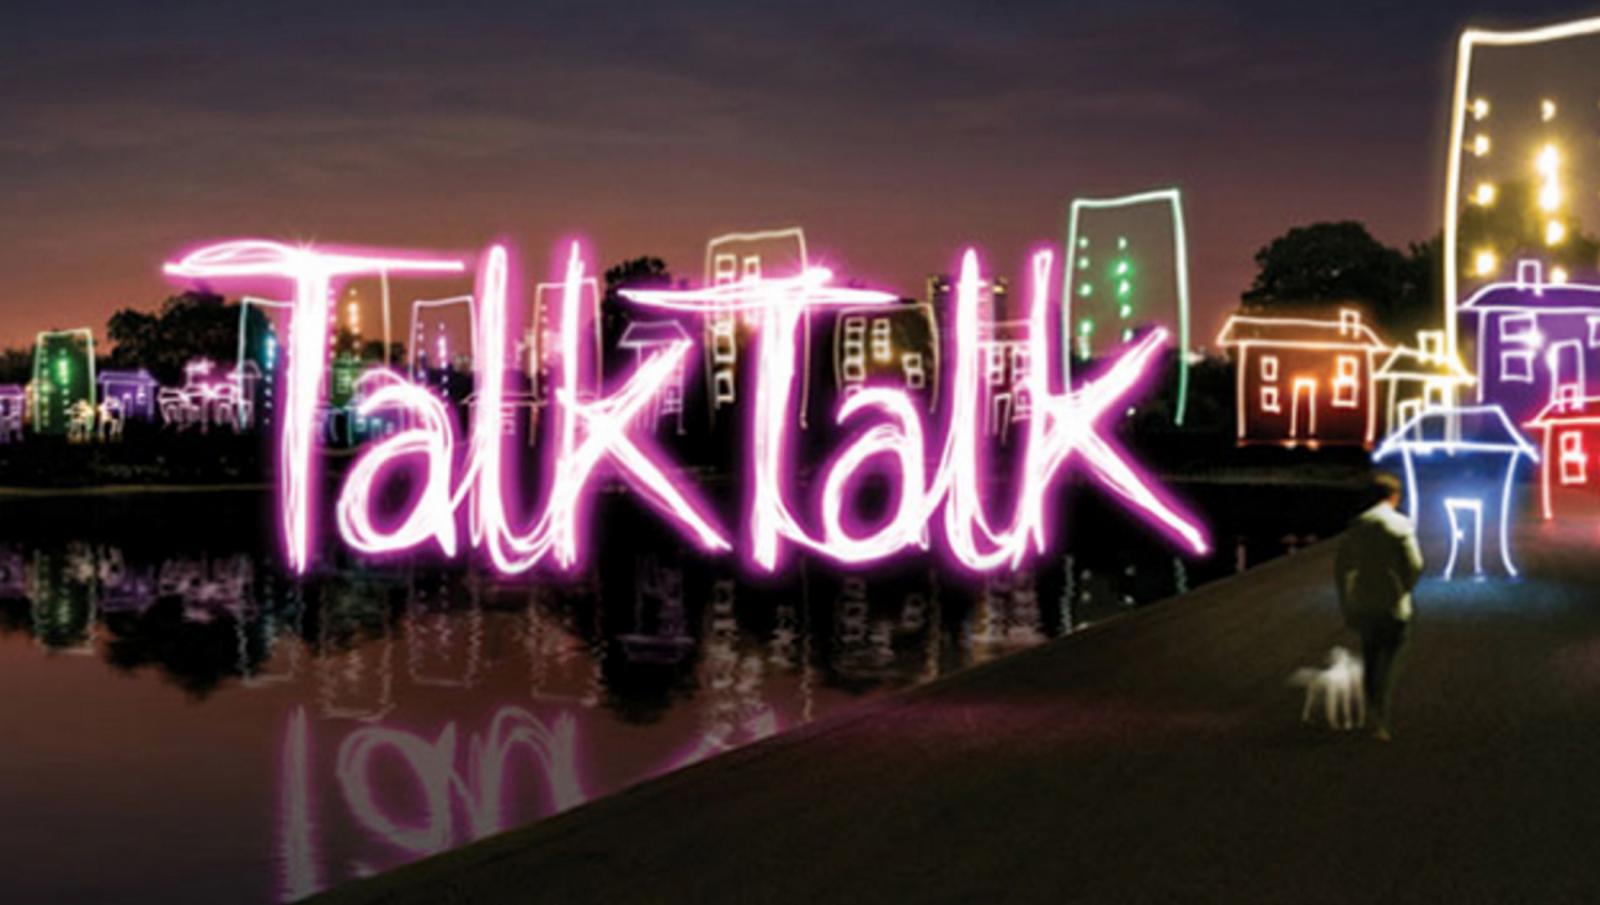 TalkTalk customer data breach